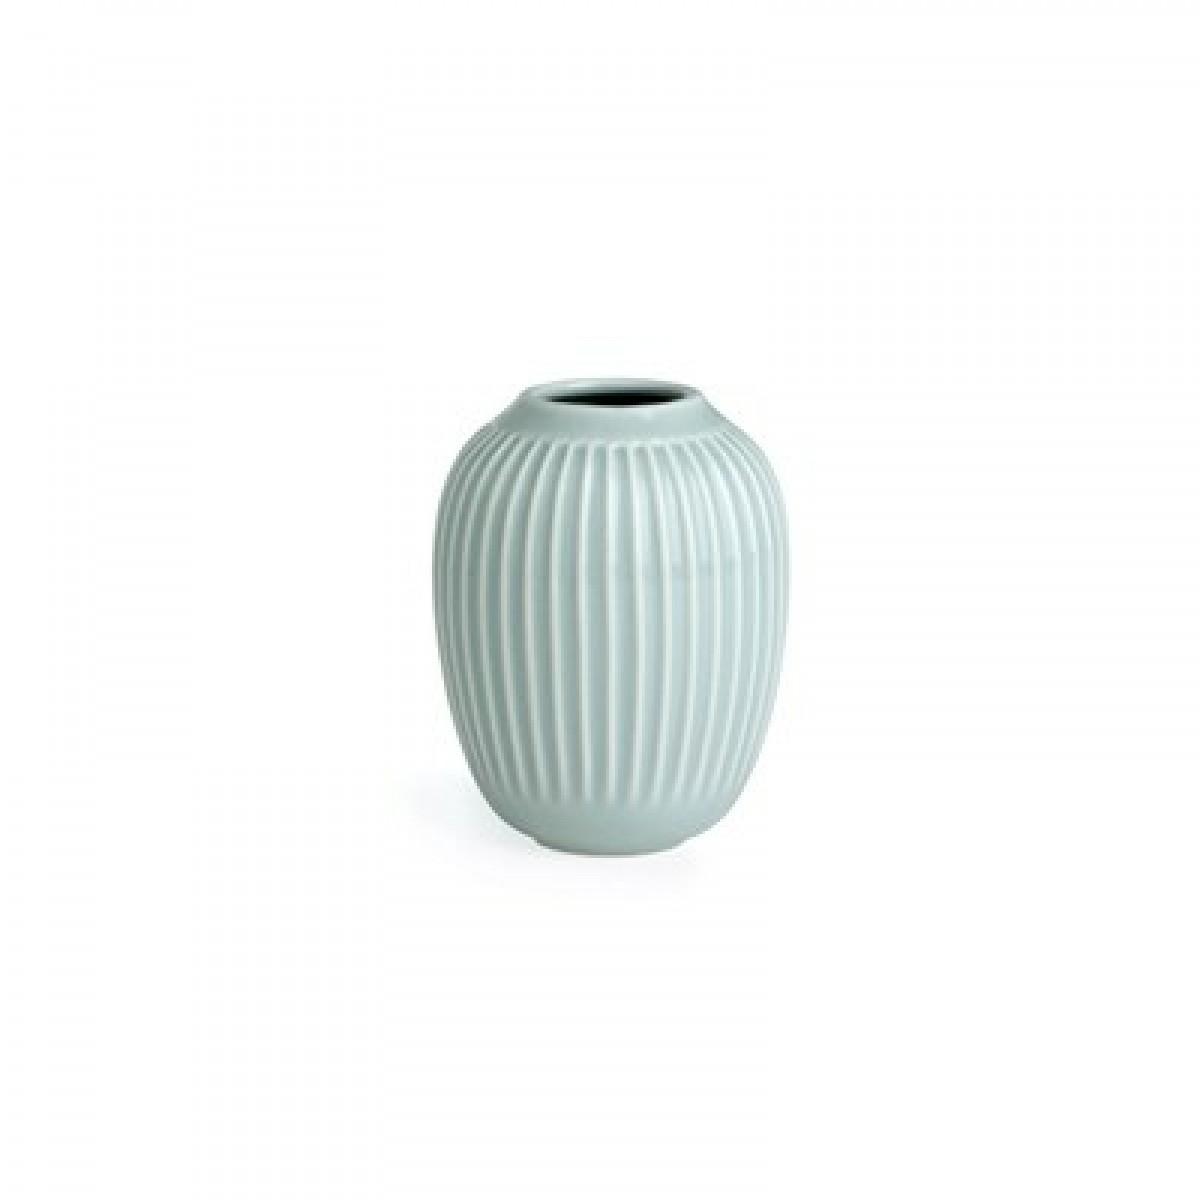 KÄHLER Hammershøi vase mint grøn 10 cm.